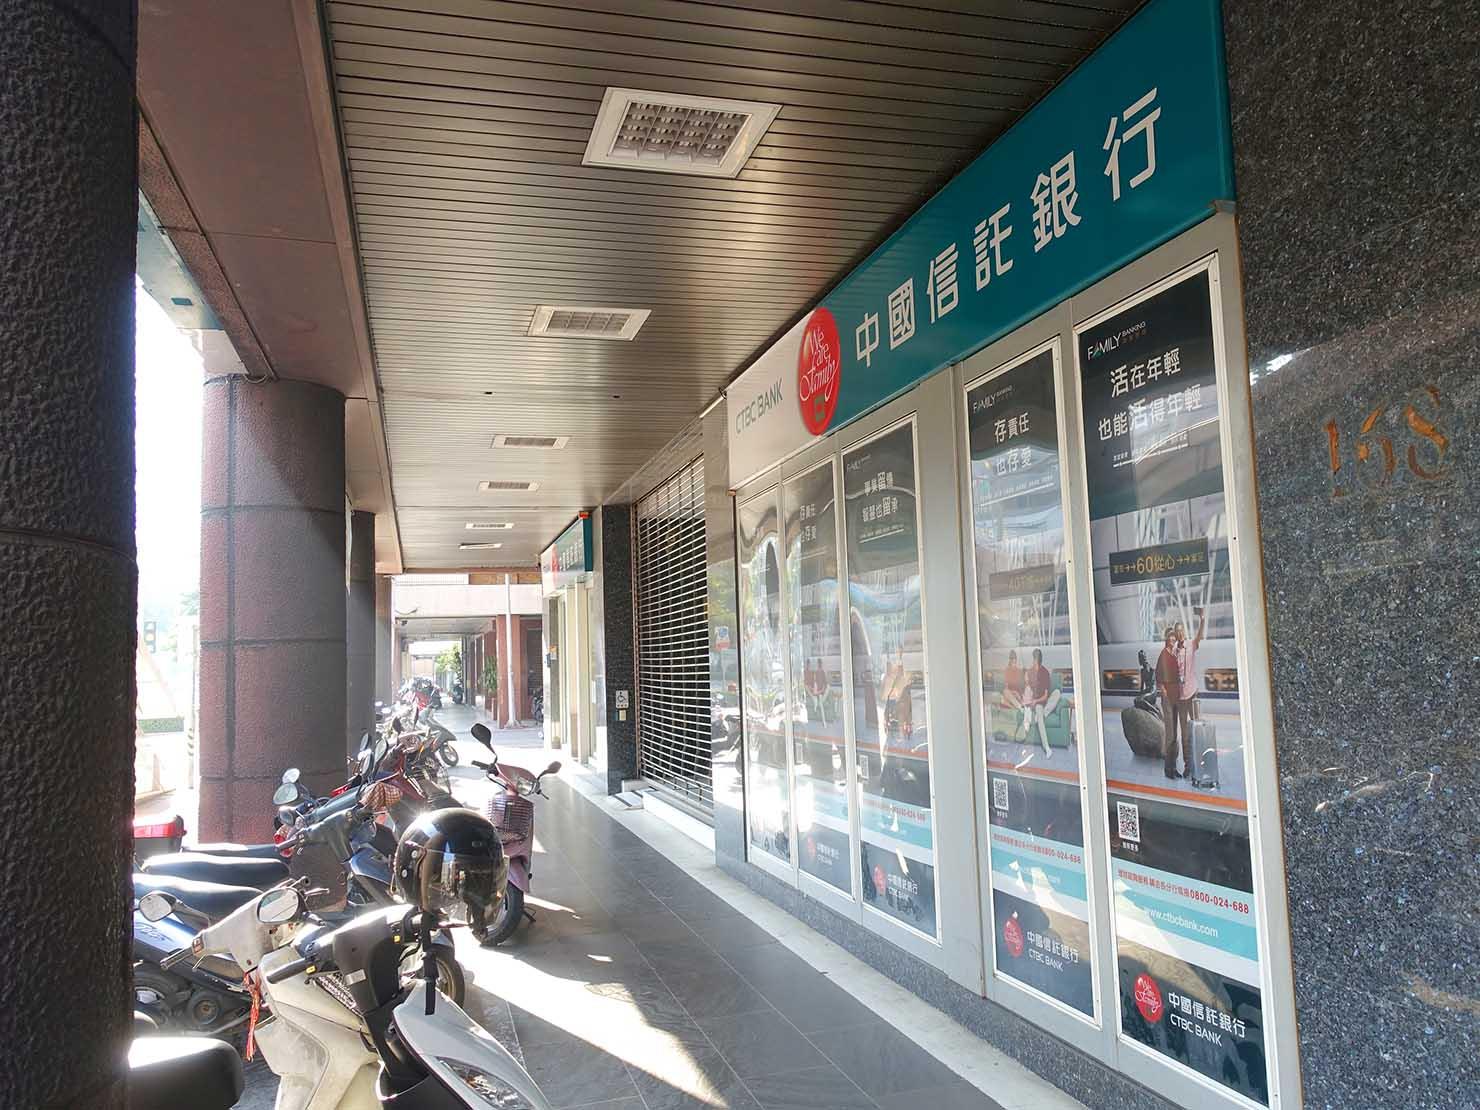 高雄MRT市議會駅横の中國信託銀行